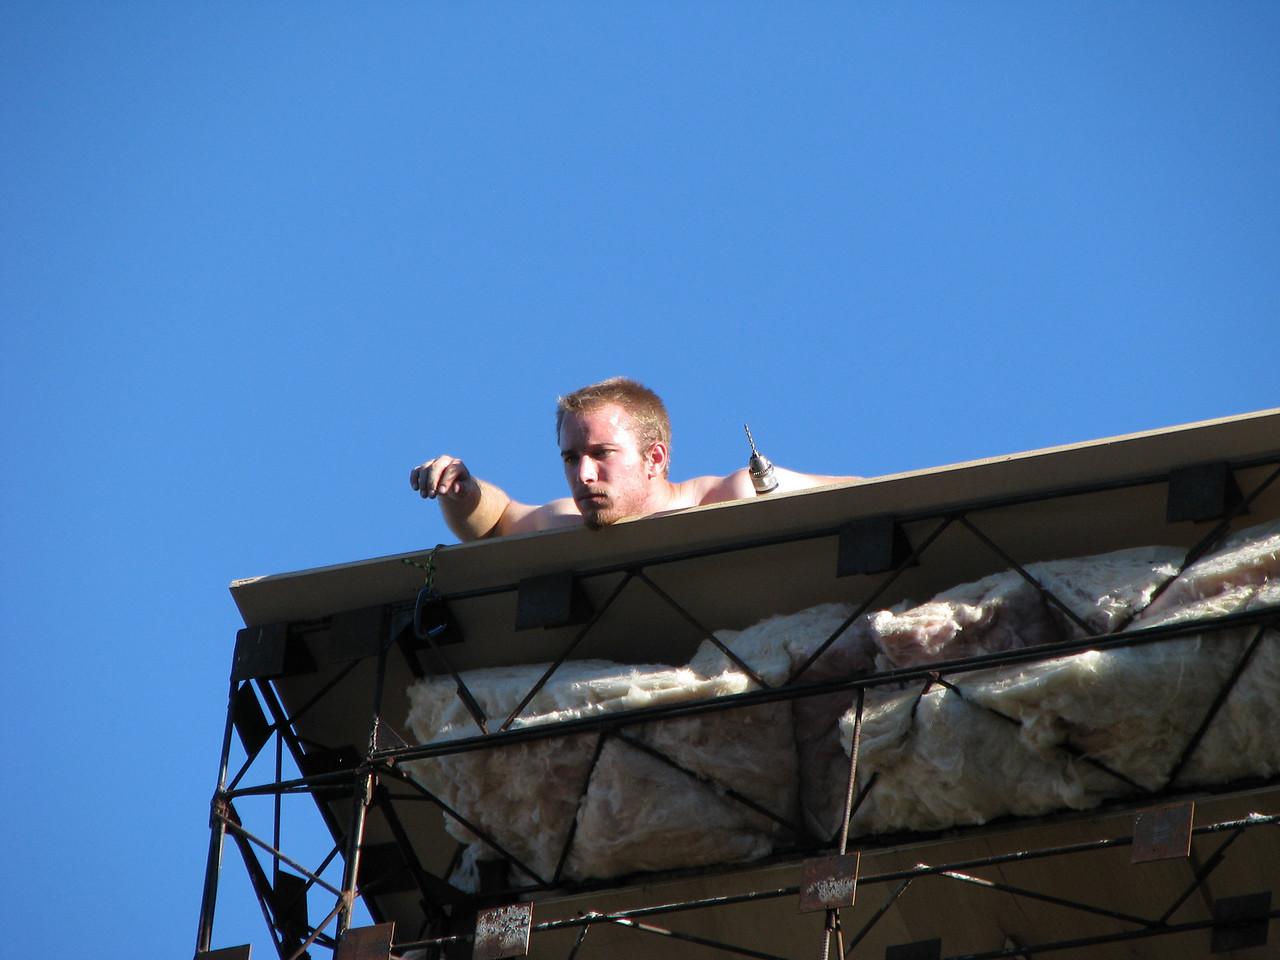 Lances_Roof-089